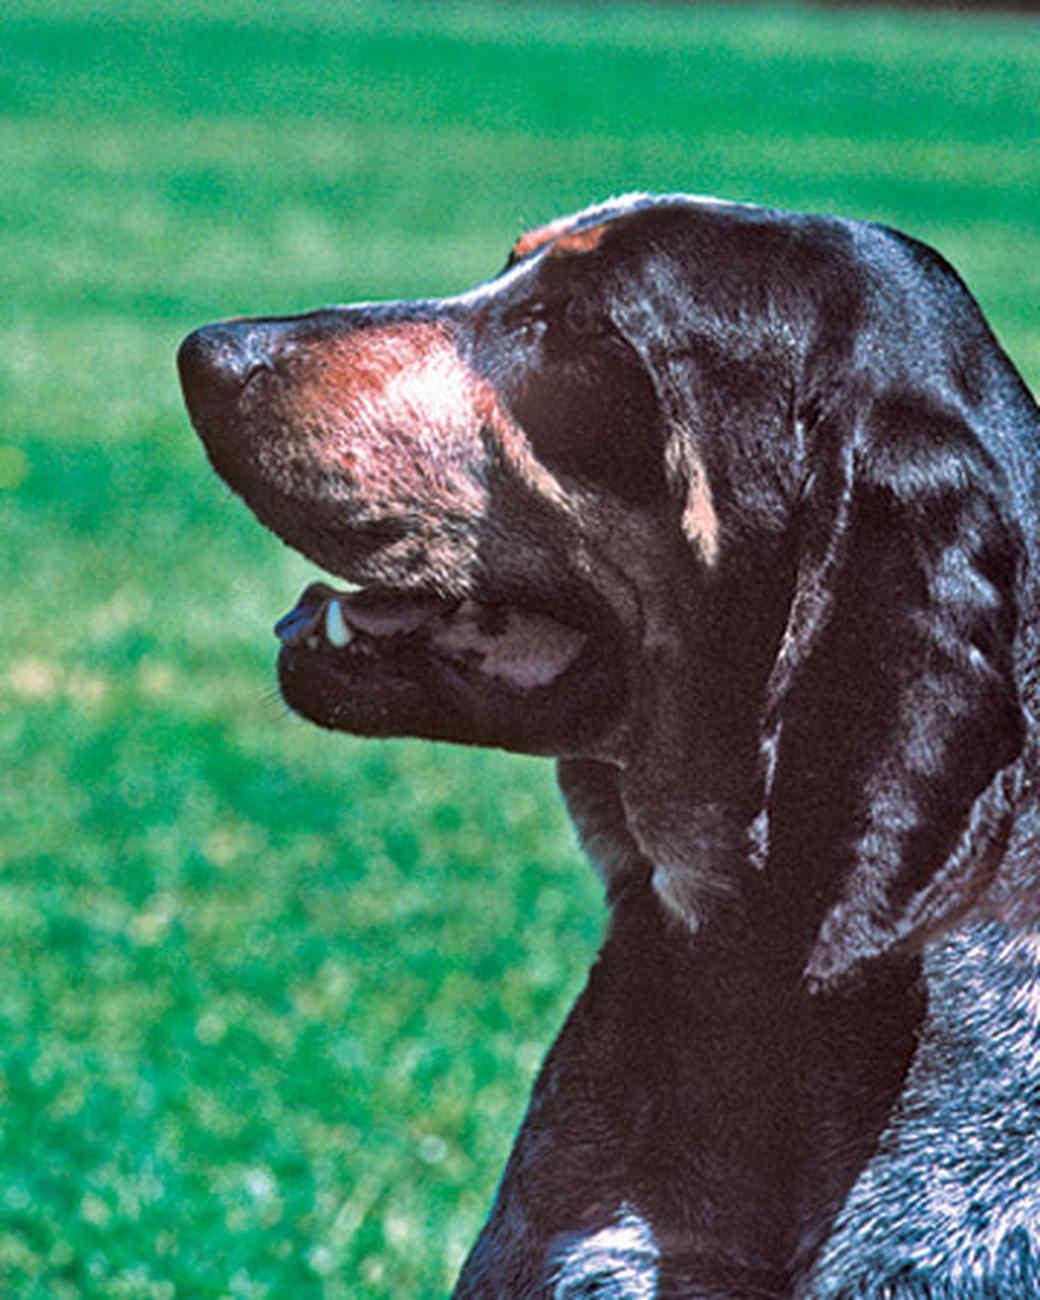 pets_dogs_bluetickcoon.jpg